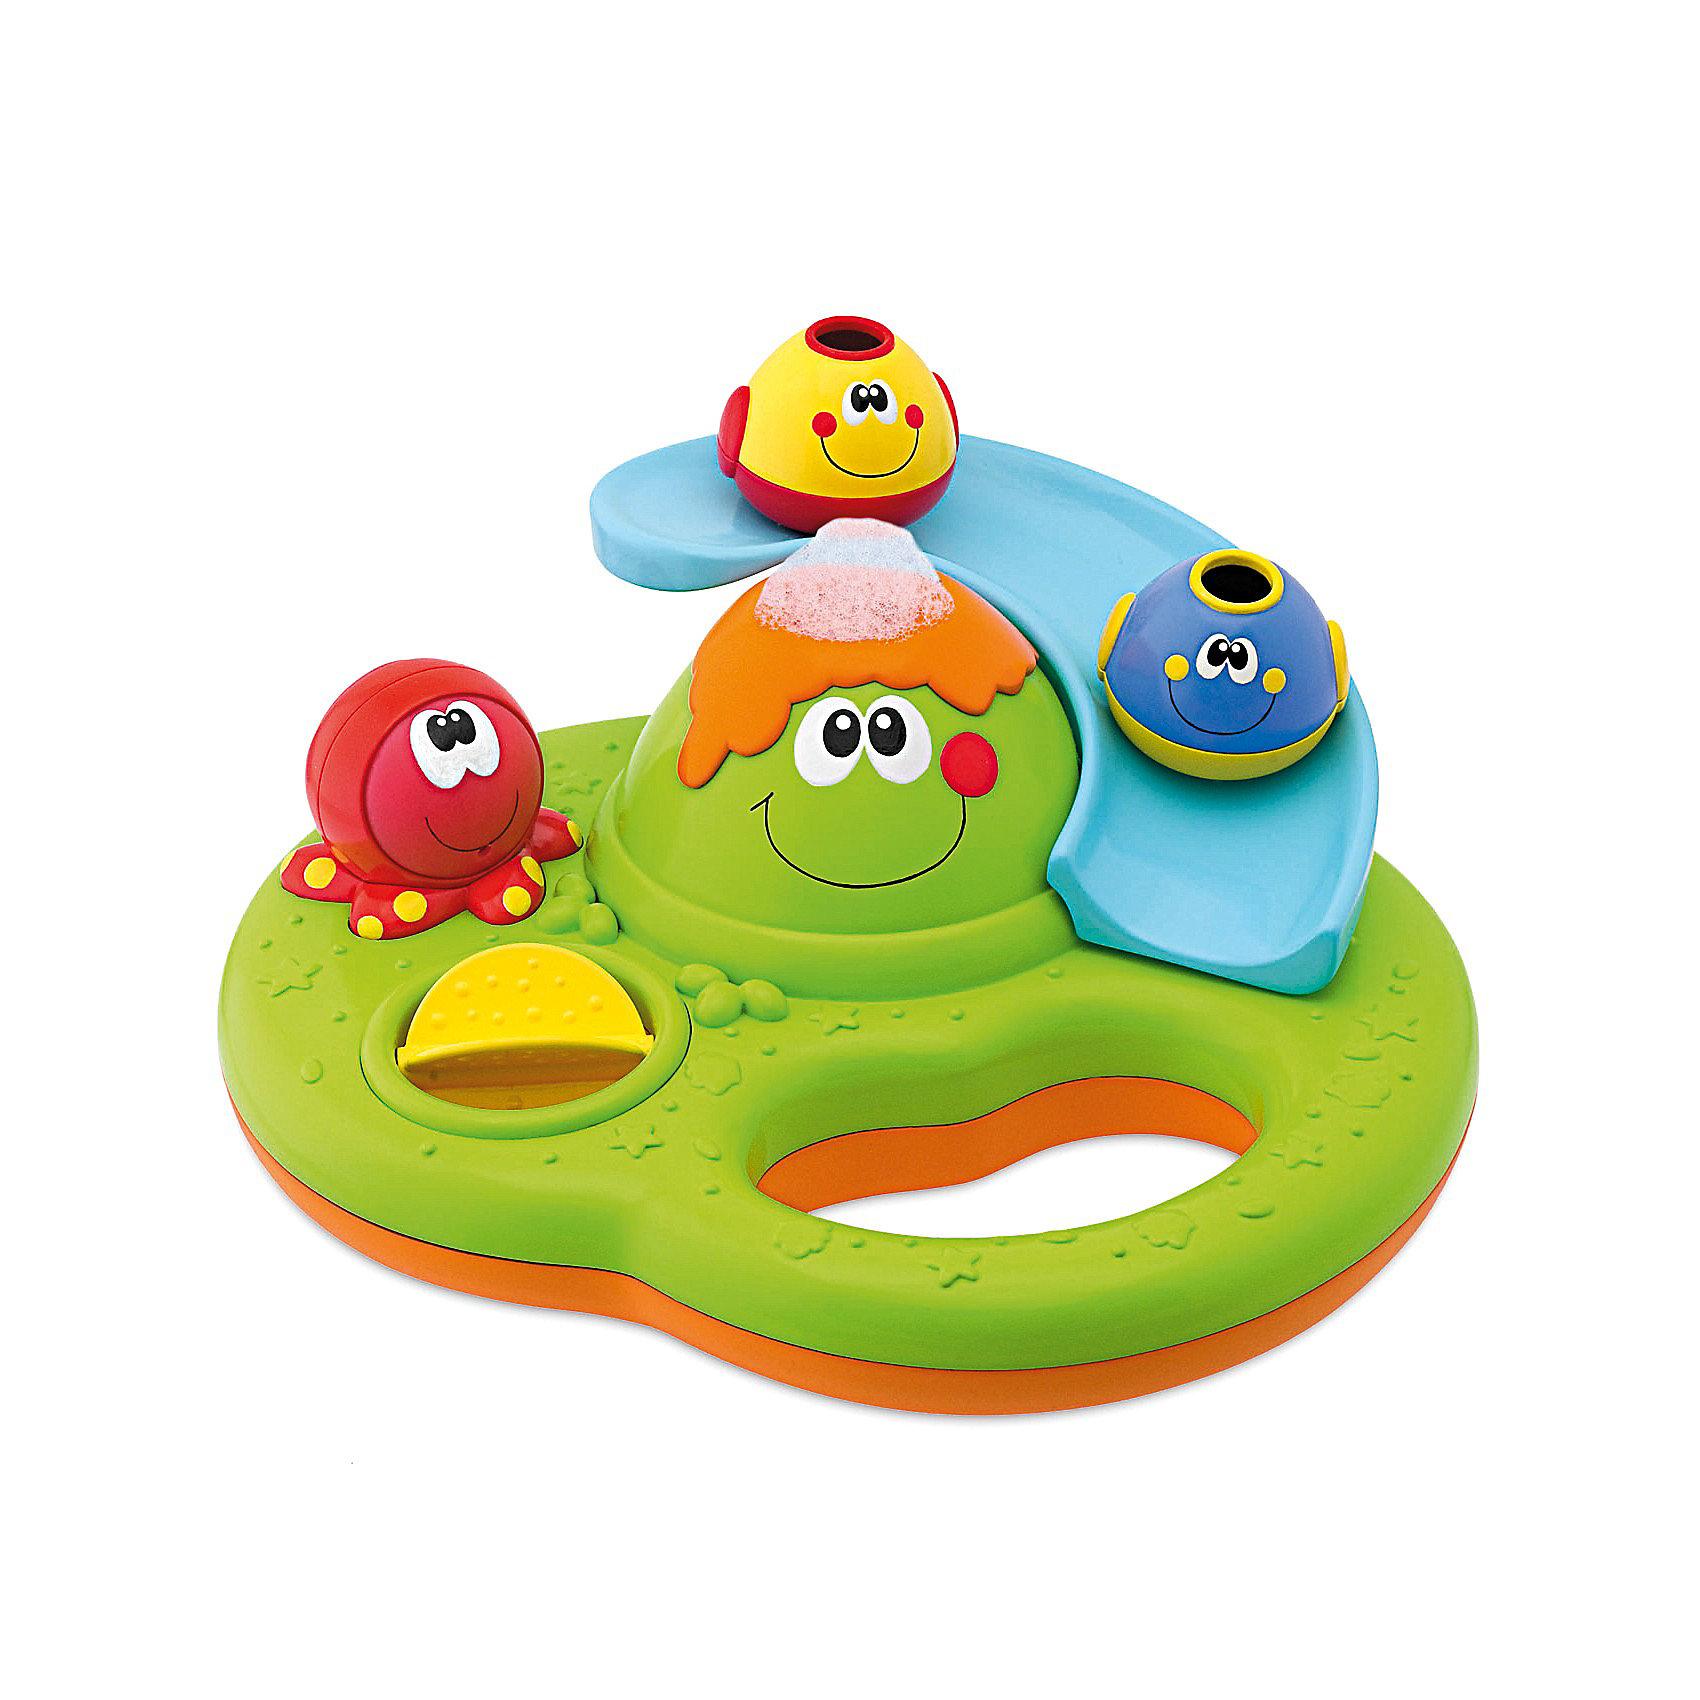 Игрушка для ванной Остров пузырьков, ChiccoИгрушки для ванной<br>Игрушка для ванны Остров пузырьков Chicco (Чико) - забавная игрушка для Вашей крохи!<br><br>Игровой центр для ванны позволяет развлечь младенцев во время купания. Игрушка включает в себя массу интересных действий: горка для двух рыбок, водяное колесо. Ребенок может нажать на осьминога, чтобы волшебные мыльные пузырьки начали вырываться из жерла вулкана.<br><br>Игрушка оснащена удобной ручкой-держателем.<br><br>Игрушку для ванны Остров пузырьков Chicco можно купить в нашем интернет-магазине.<br><br>Дополнительная информация:<br>- Материал: пластик.<br>- Размер игрушки: 23 х 18 х 8 см.<br>- Размер одной рыбки: 5 х 3,5 х 3,5 см.<br><br>Ширина мм: 257<br>Глубина мм: 218<br>Высота мм: 195<br>Вес г: 650<br>Возраст от месяцев: 6<br>Возраст до месяцев: 36<br>Пол: Унисекс<br>Возраст: Детский<br>SKU: 2450424